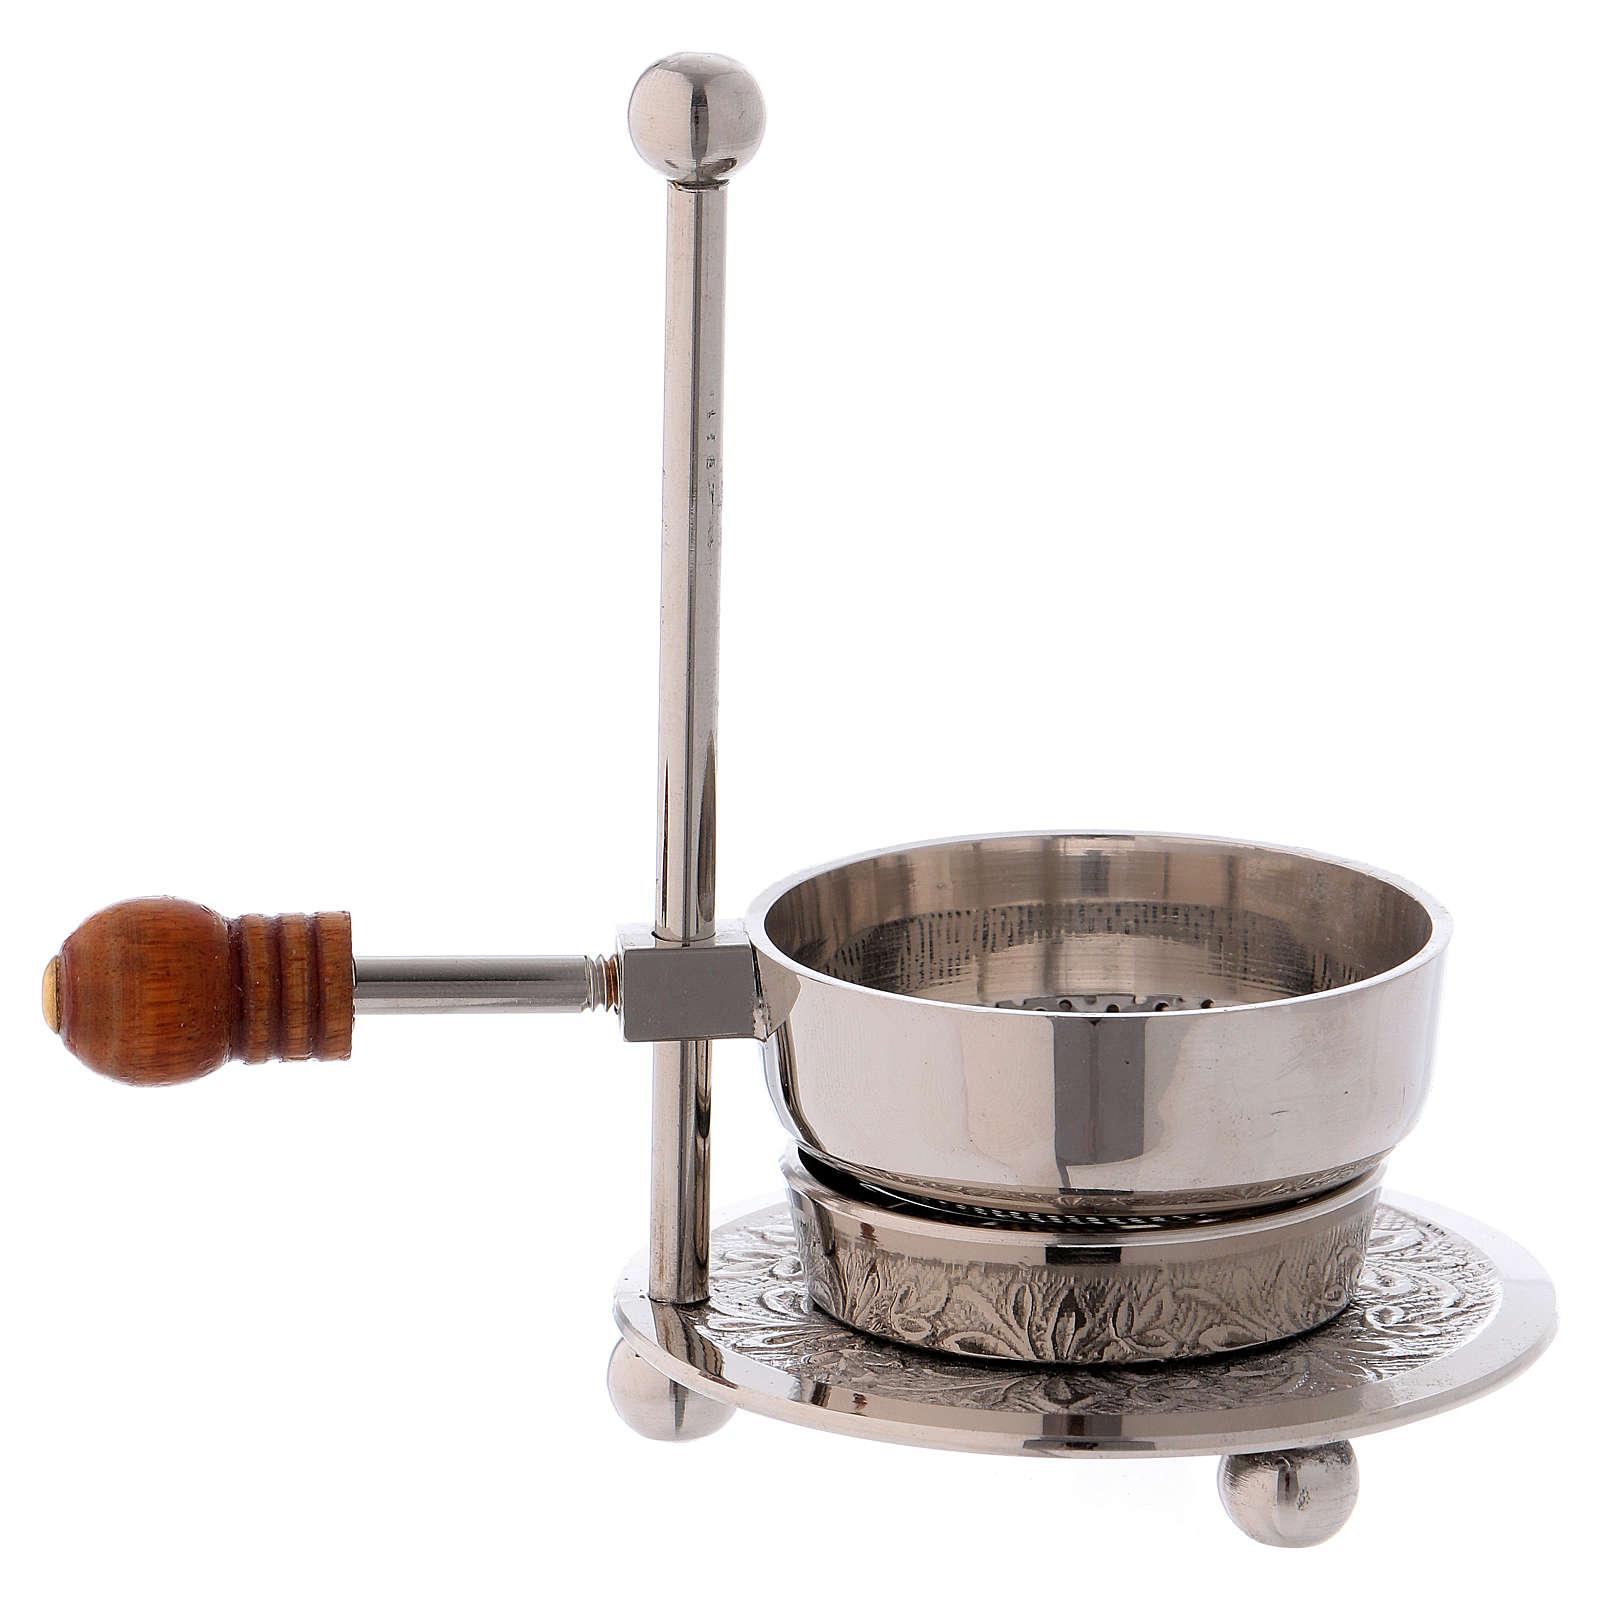 Queimador incenso latão prateado com punho em madeira 11 cm 3